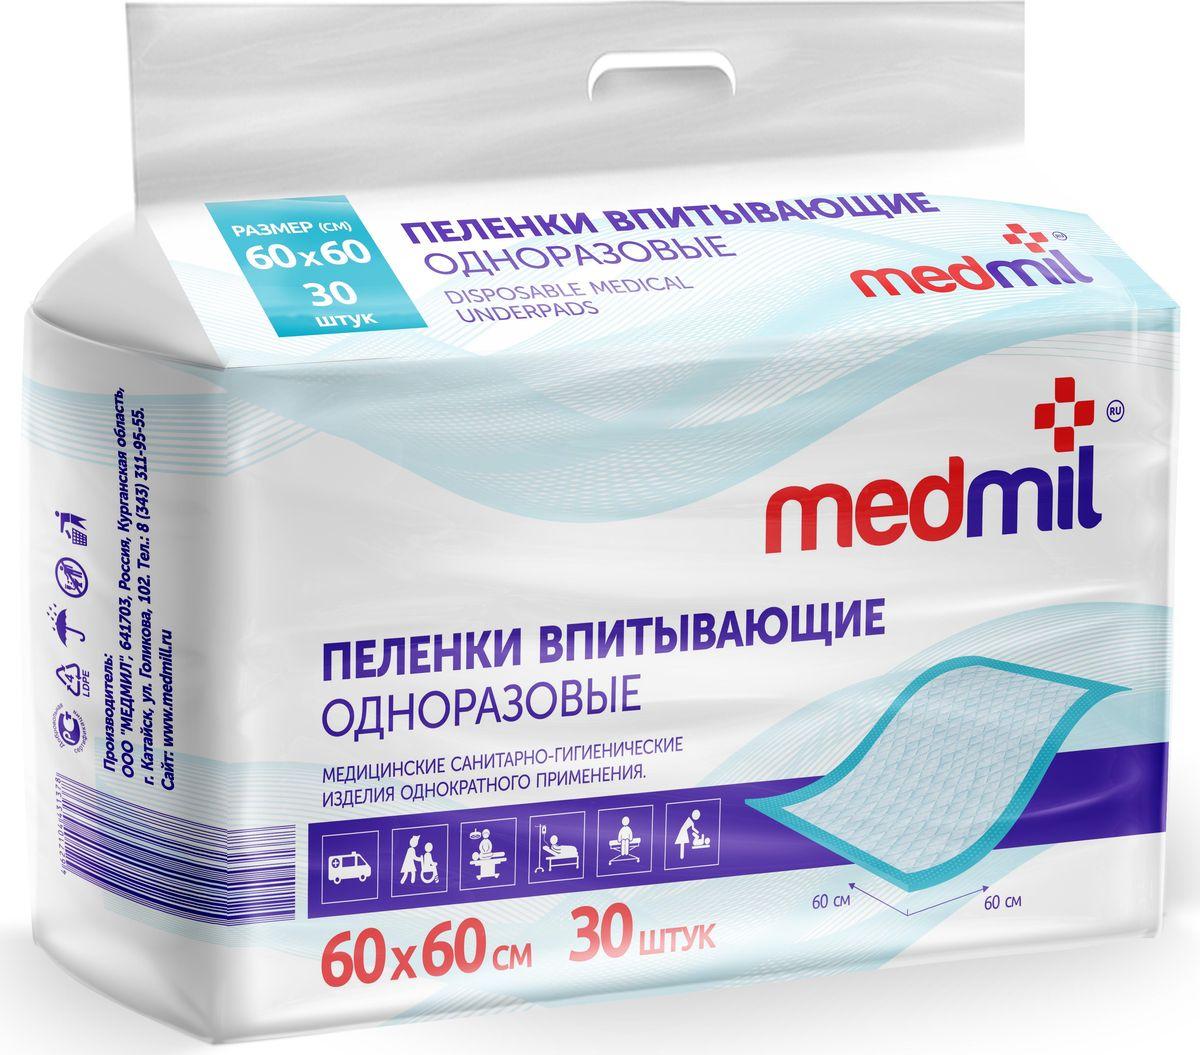 Medmil Пеленки впитывающие одноразовые Оптима 60 х 60 см 30 шт greenty одноразовые пеленки 60х90 см 10 шт